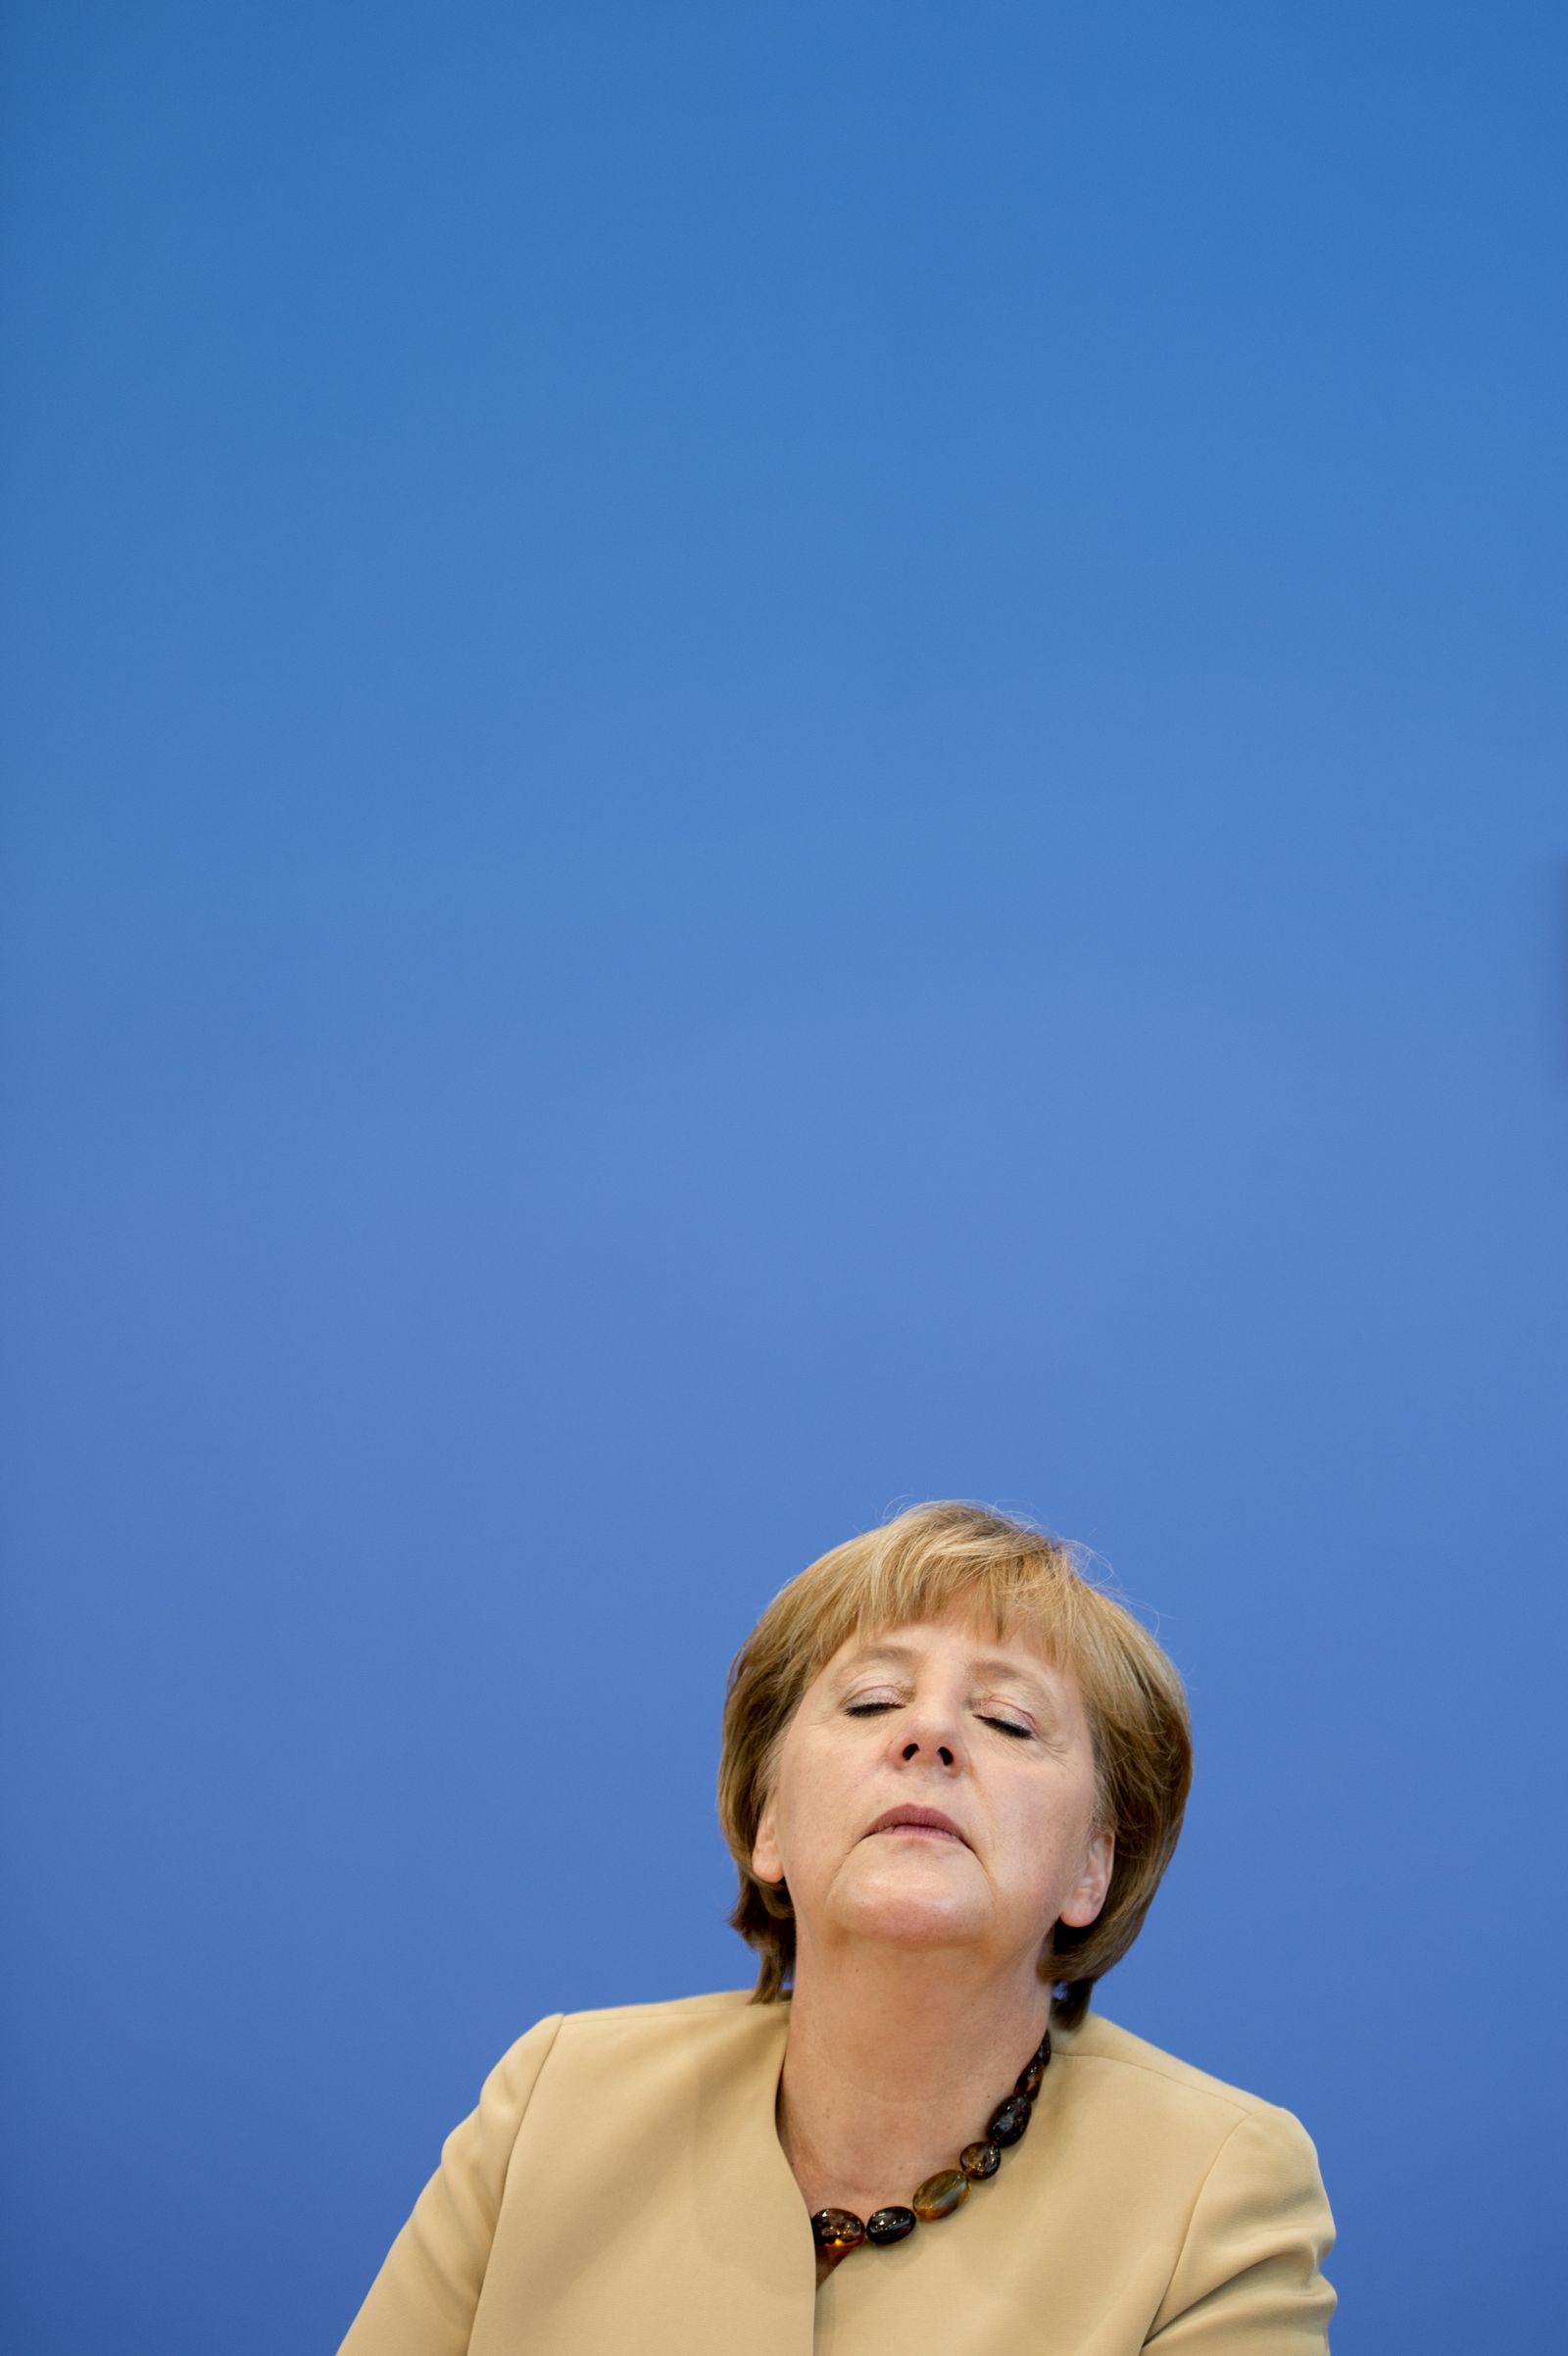 NICHT VERWENDEN Merkel/ Bundespressekonferenz